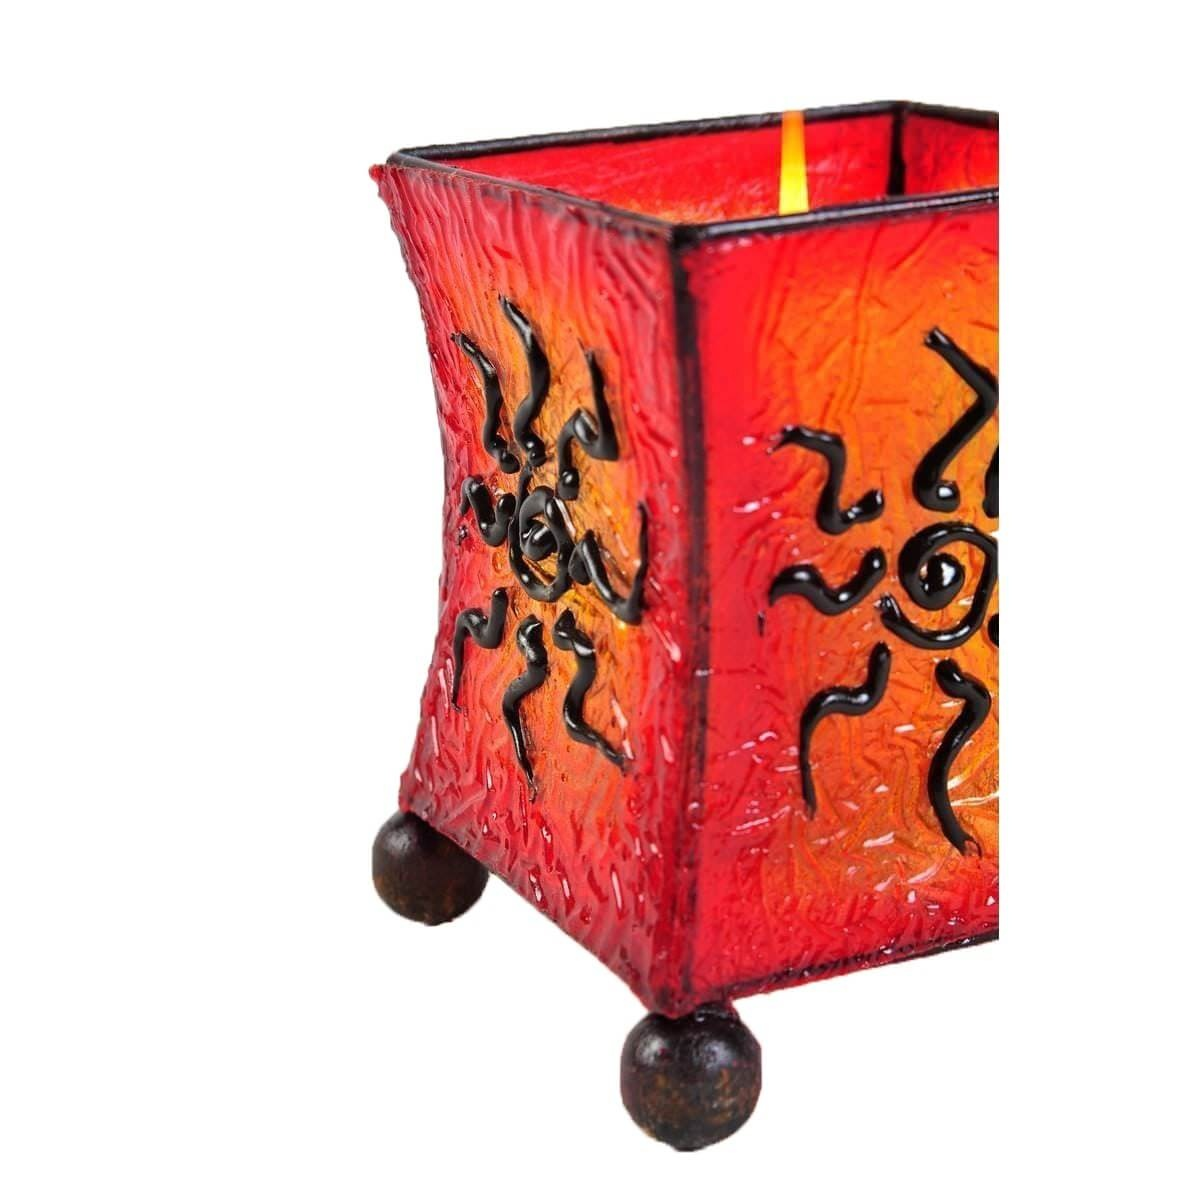 windlicht teelicht teelichthalter kerzenhalter deko resin bali asia fieber eckig ebay. Black Bedroom Furniture Sets. Home Design Ideas